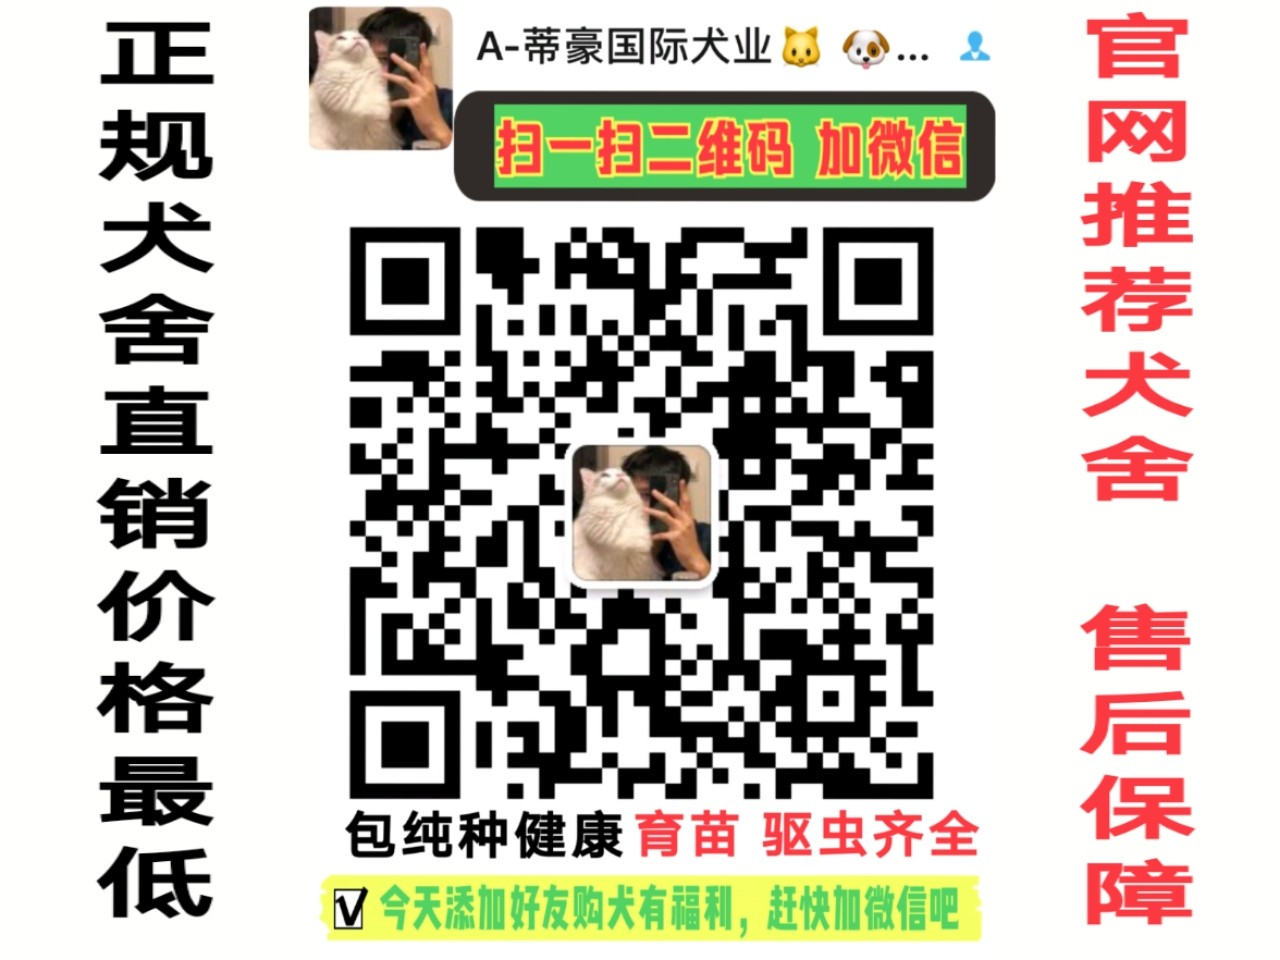 特惠价出售玩具型贵宾疫苗驱虫已做完上海买卖贵宾5